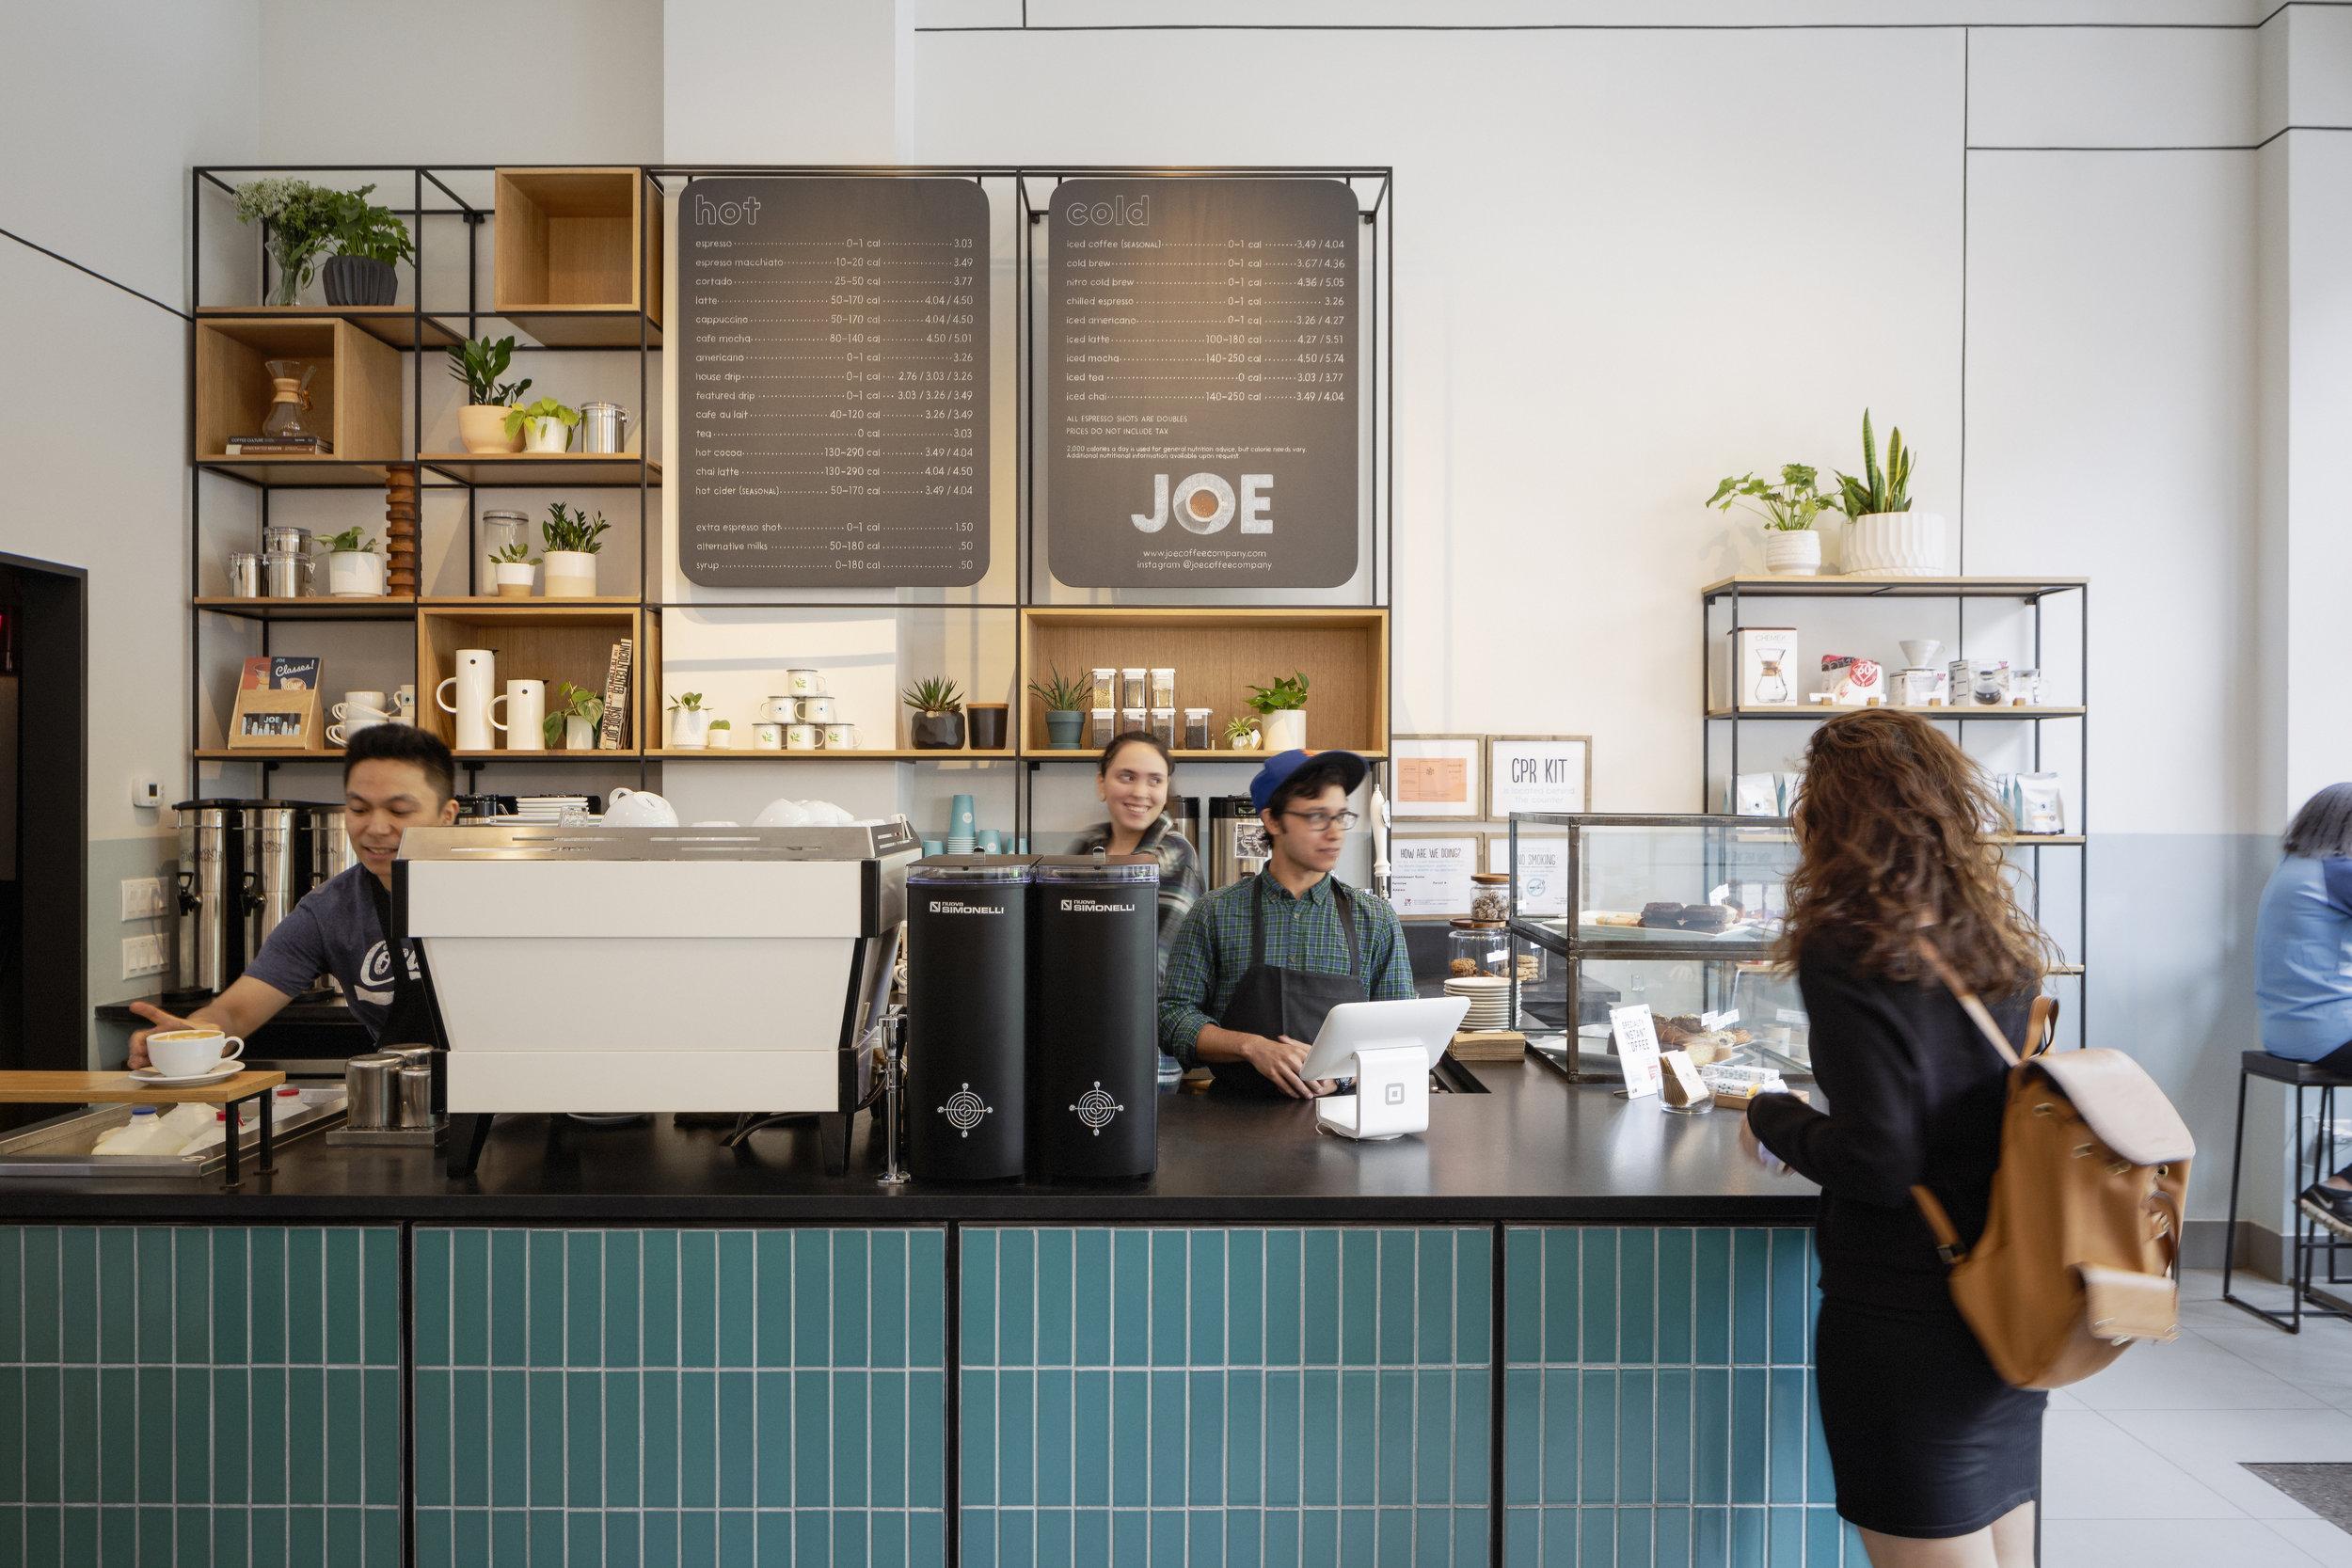 JOE COFFEE - UPPER WEST SIDE